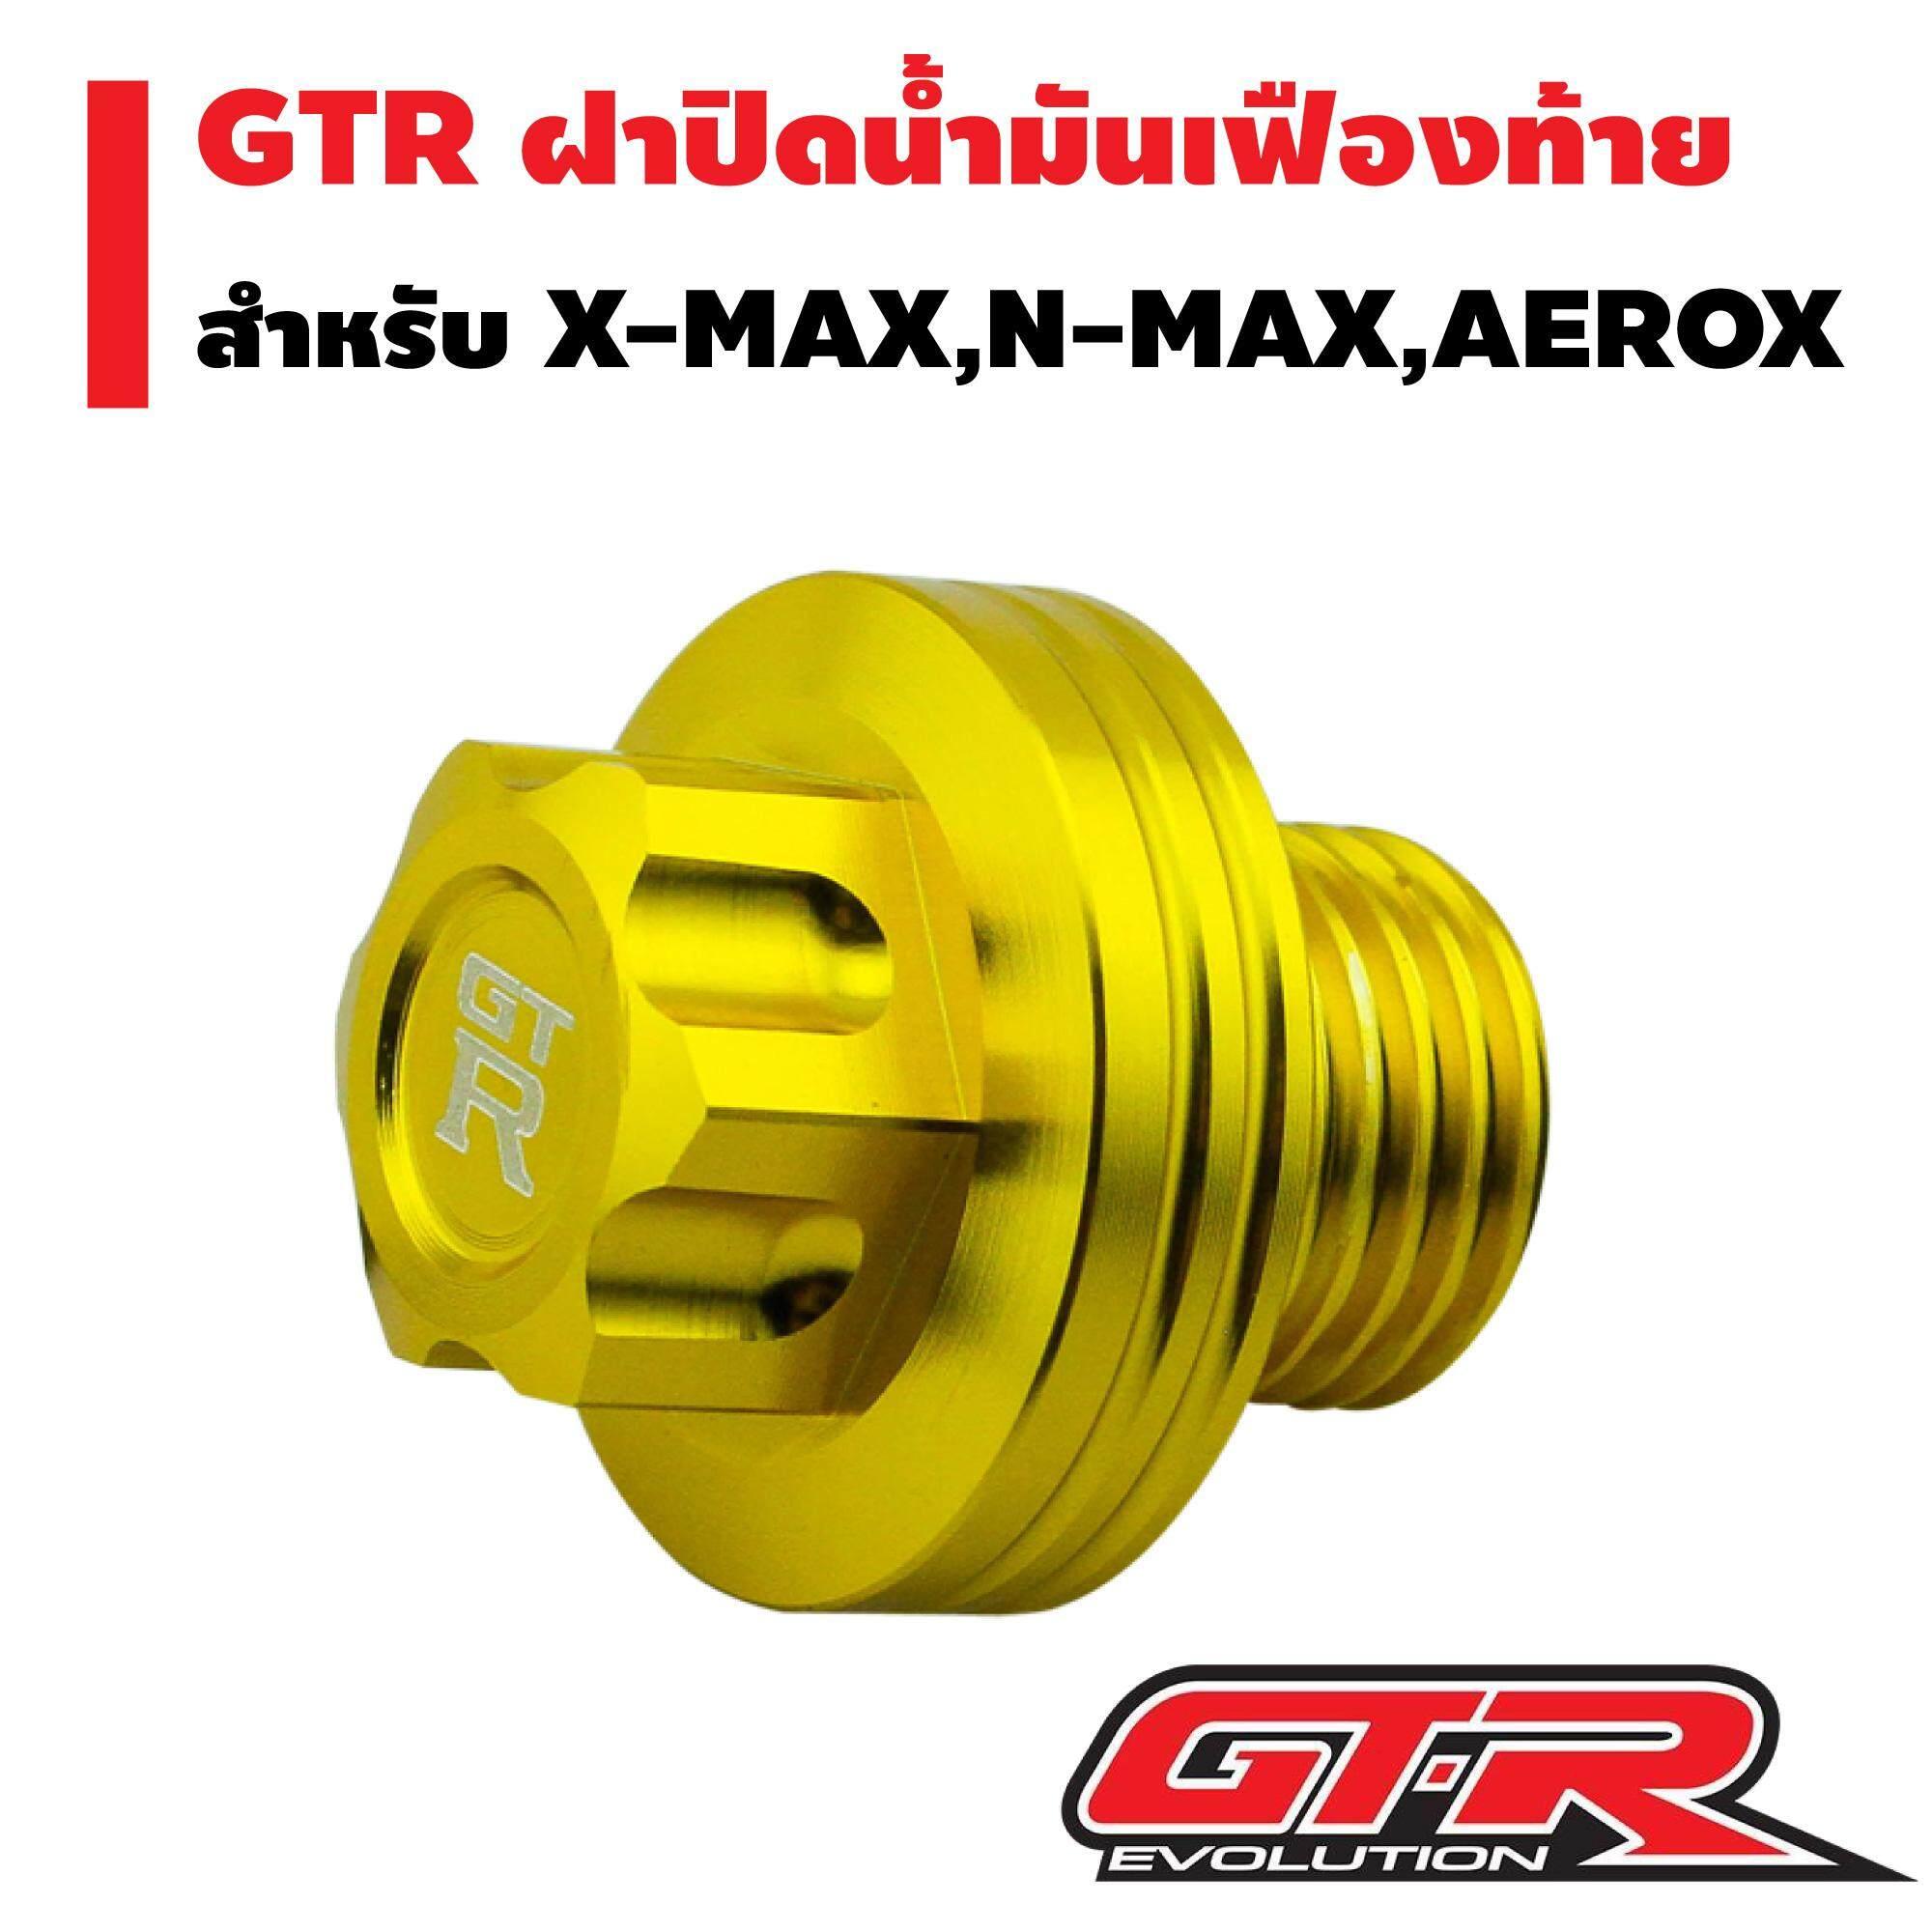 (ส่งฟรี KERRY) GTR ฝาปิดน้ำมันเฟืองท้าย สำหรับ X-MAX N-MAX AEROX สีทอง